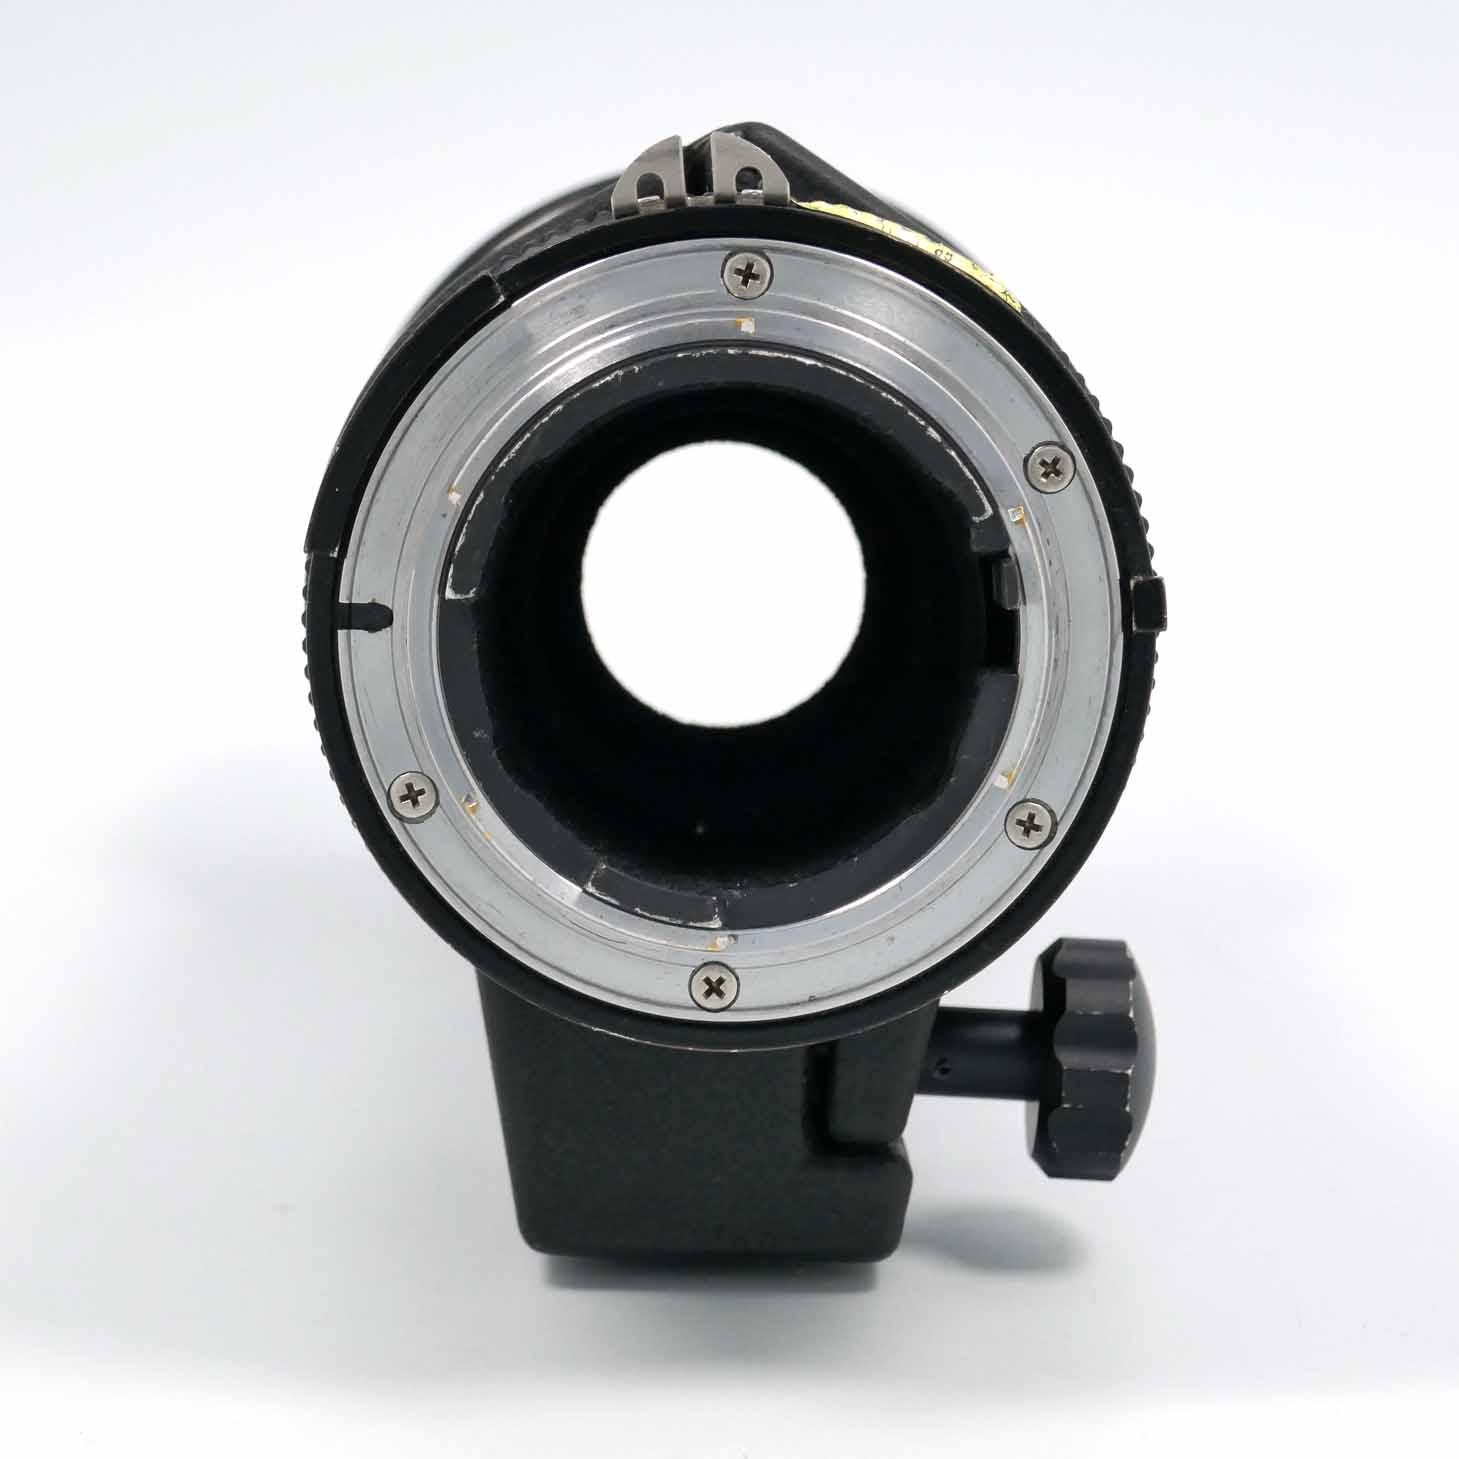 clean-cameras-Nikon-300mm_4.5-AI-08